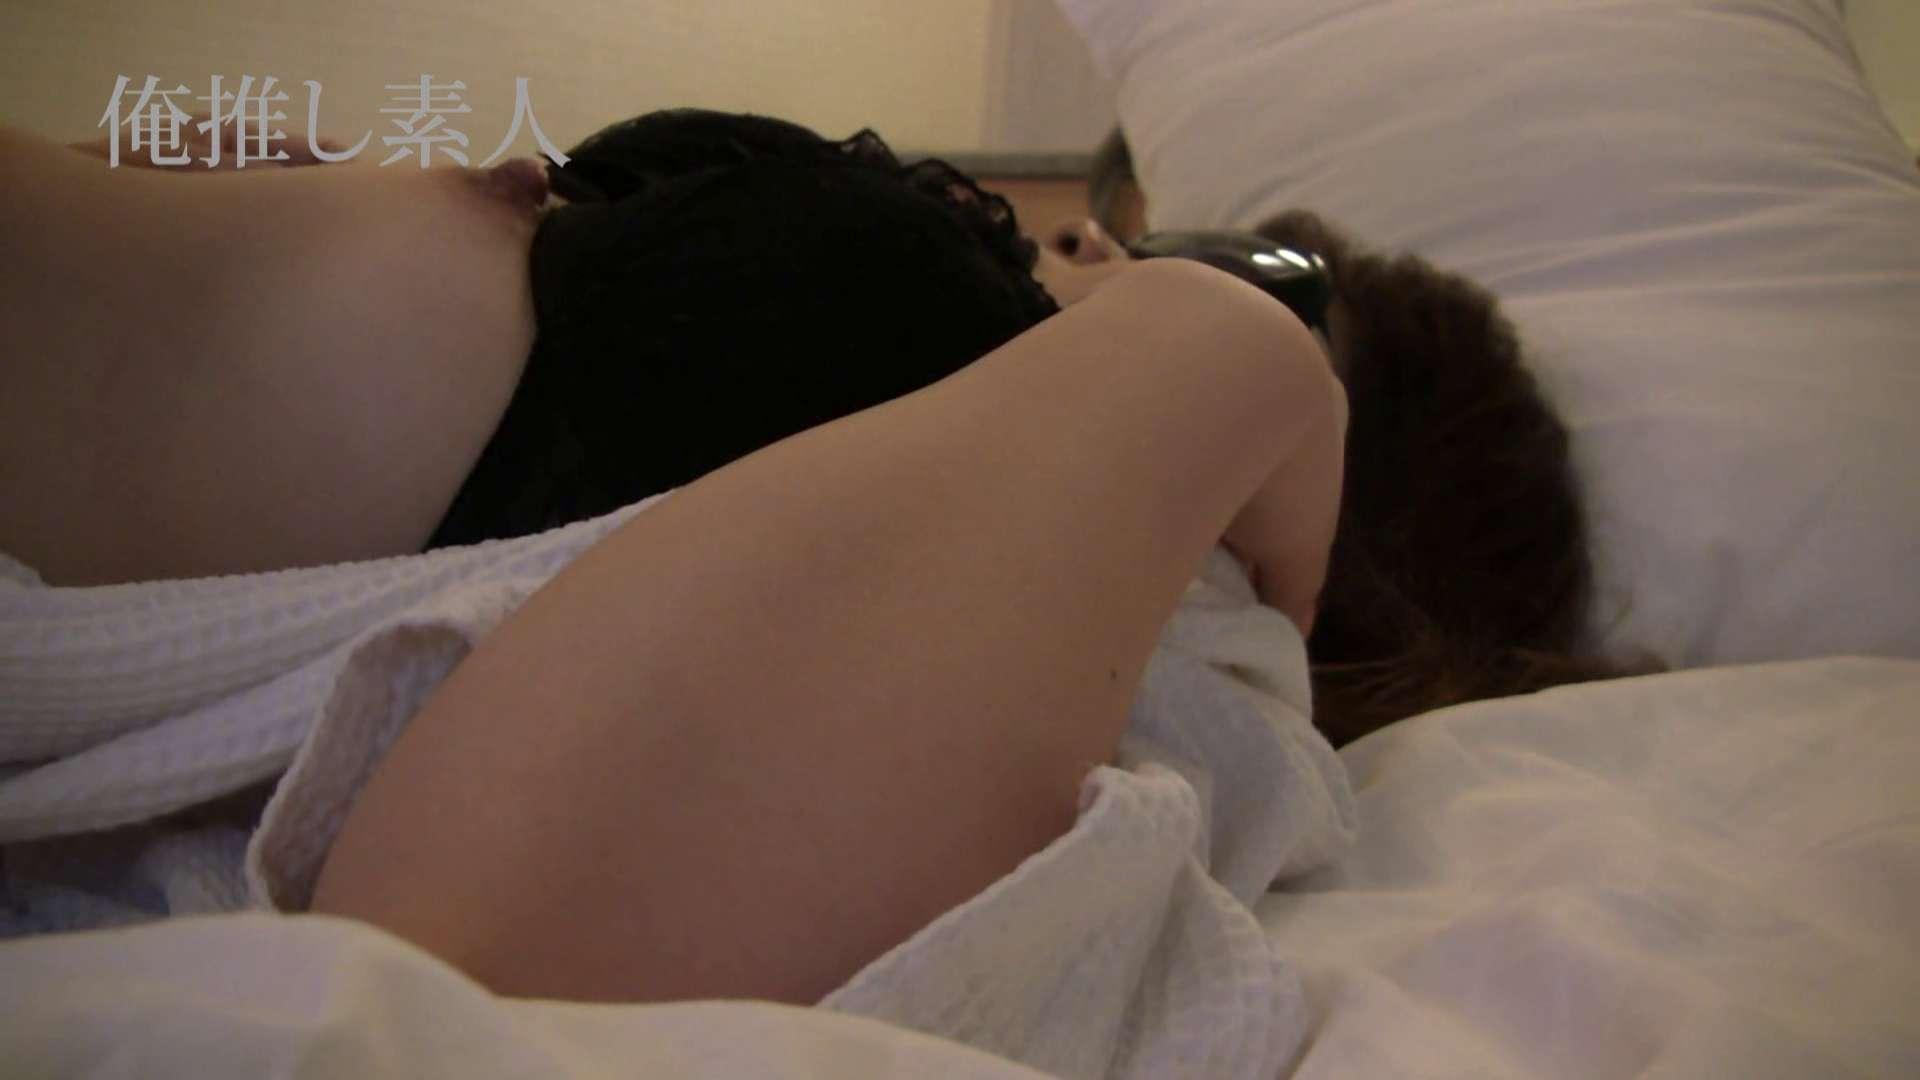 俺推し素人 ゆき 素人流出 すけべAV動画紹介 63PIX 26